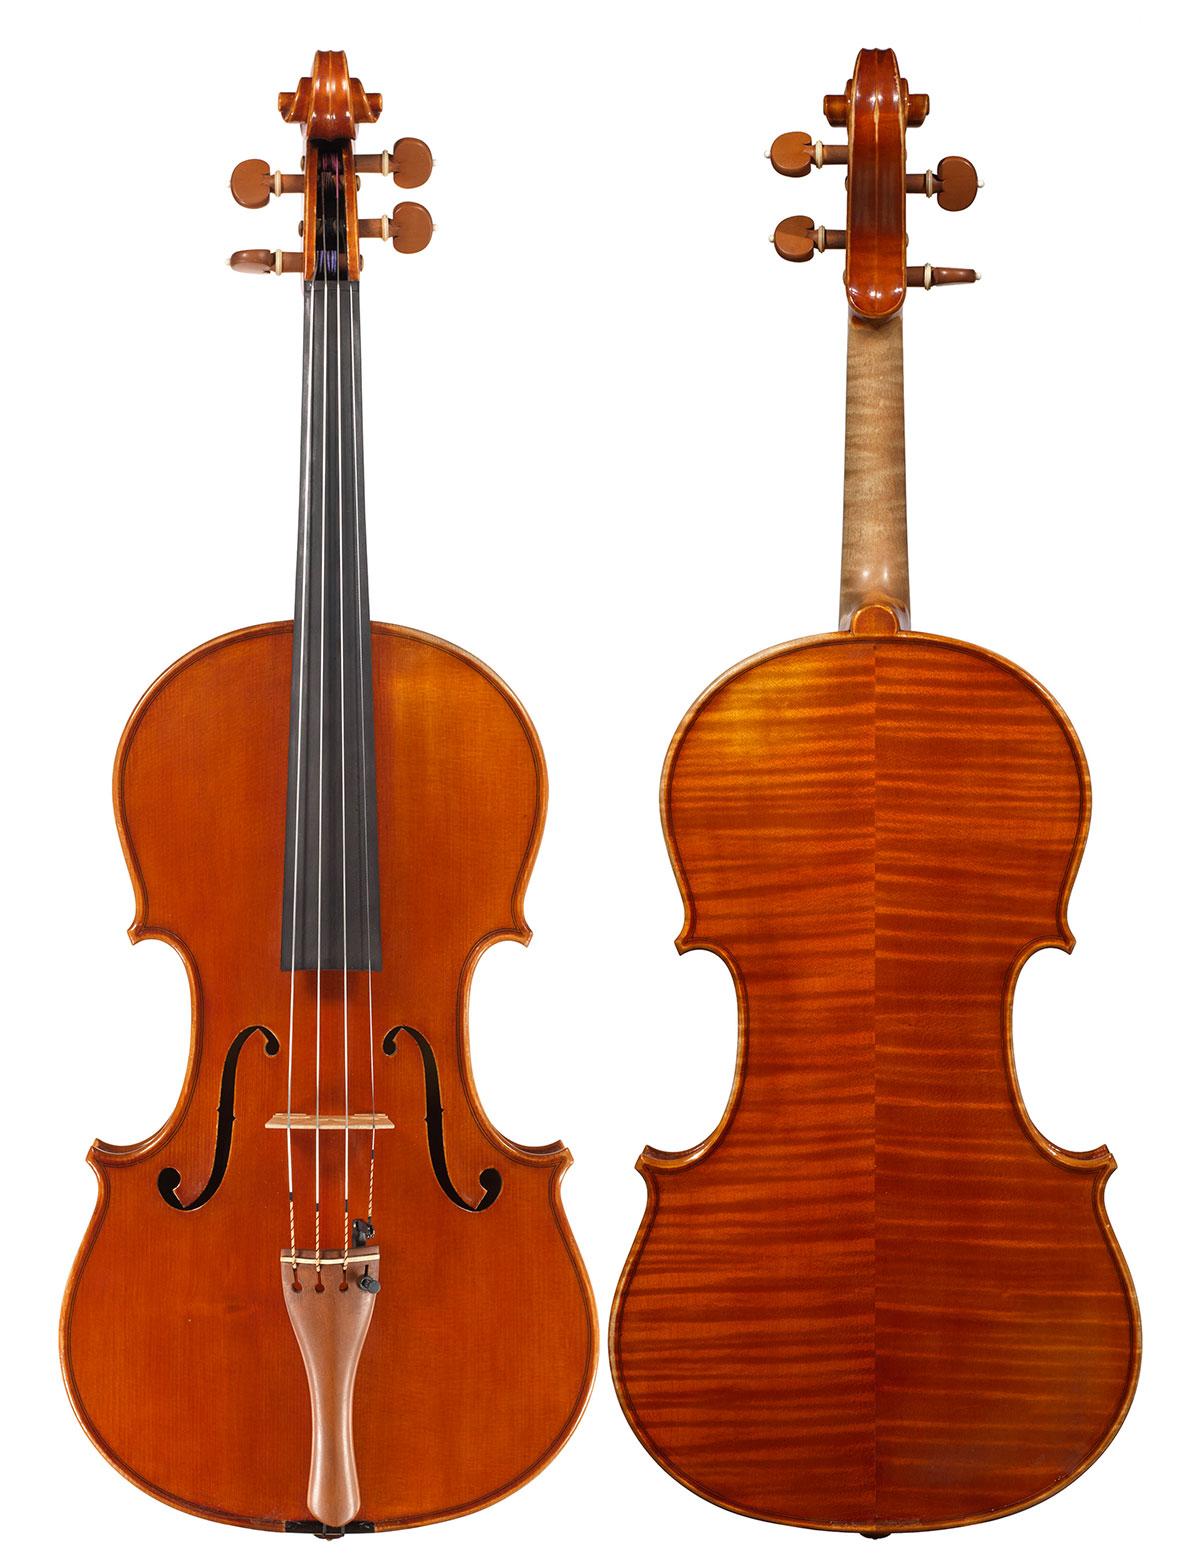 Viola by Pietro Sgarabotto